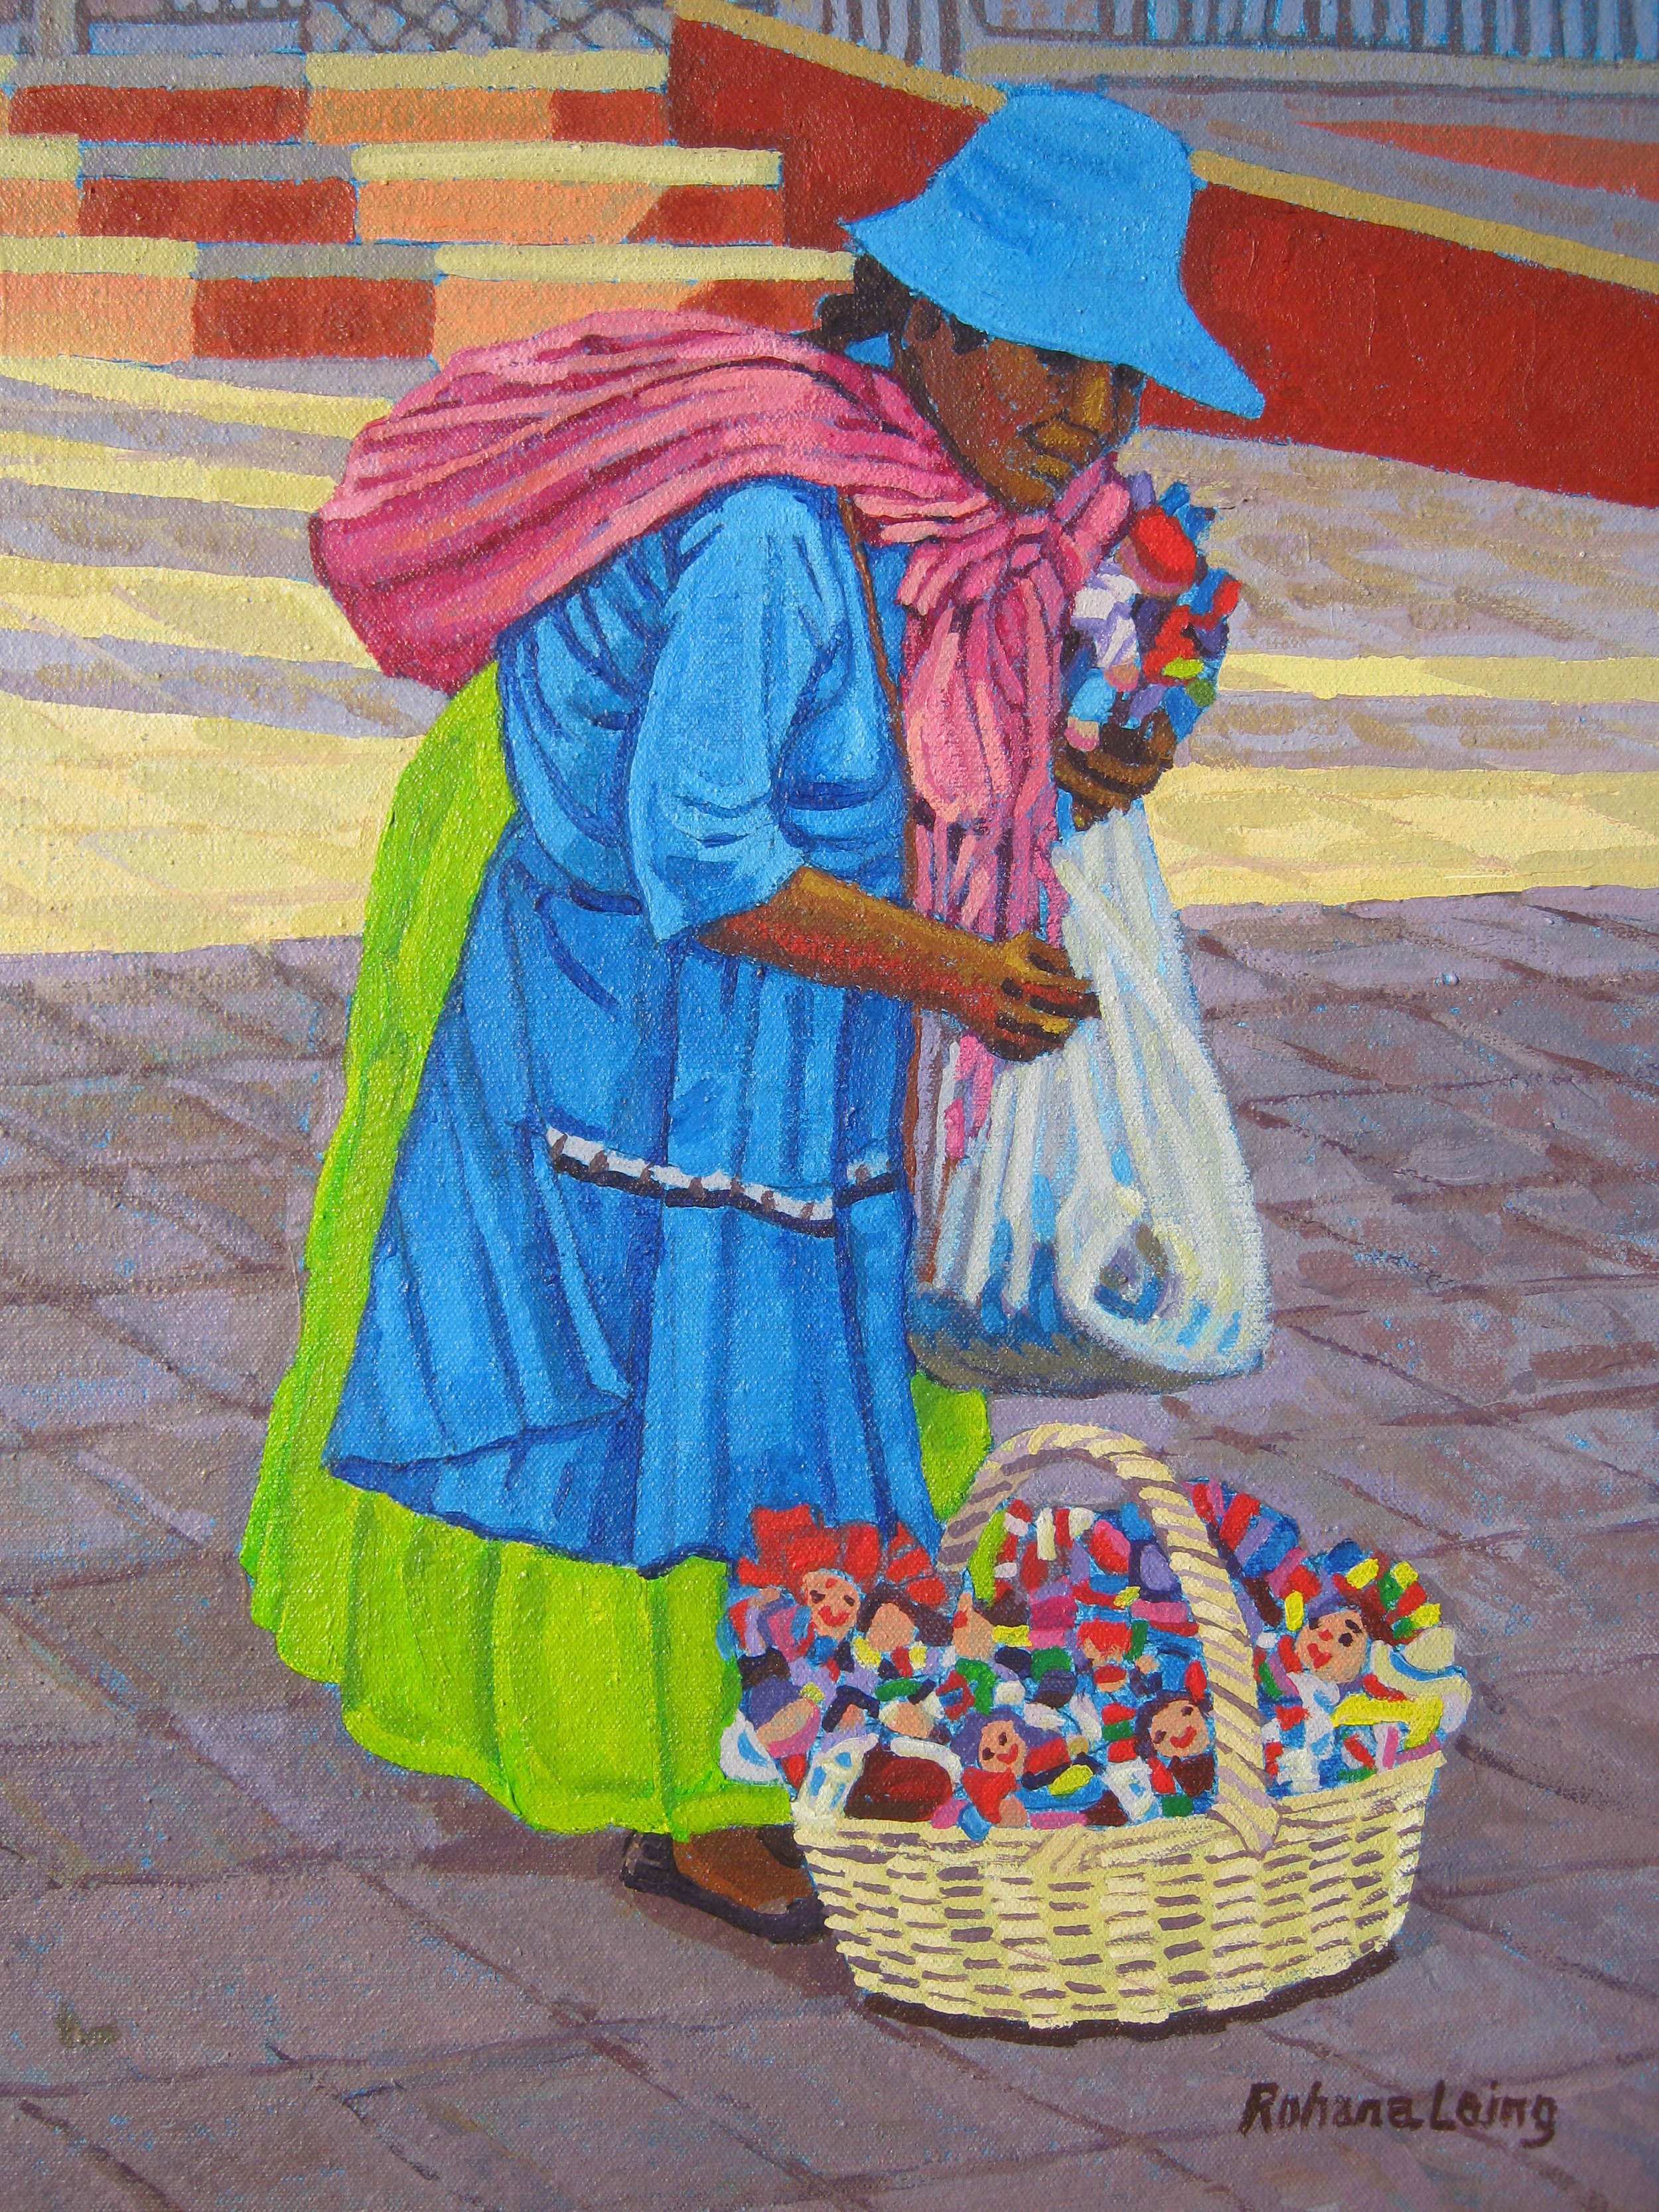 Rohana - street vendor SMA.jpg